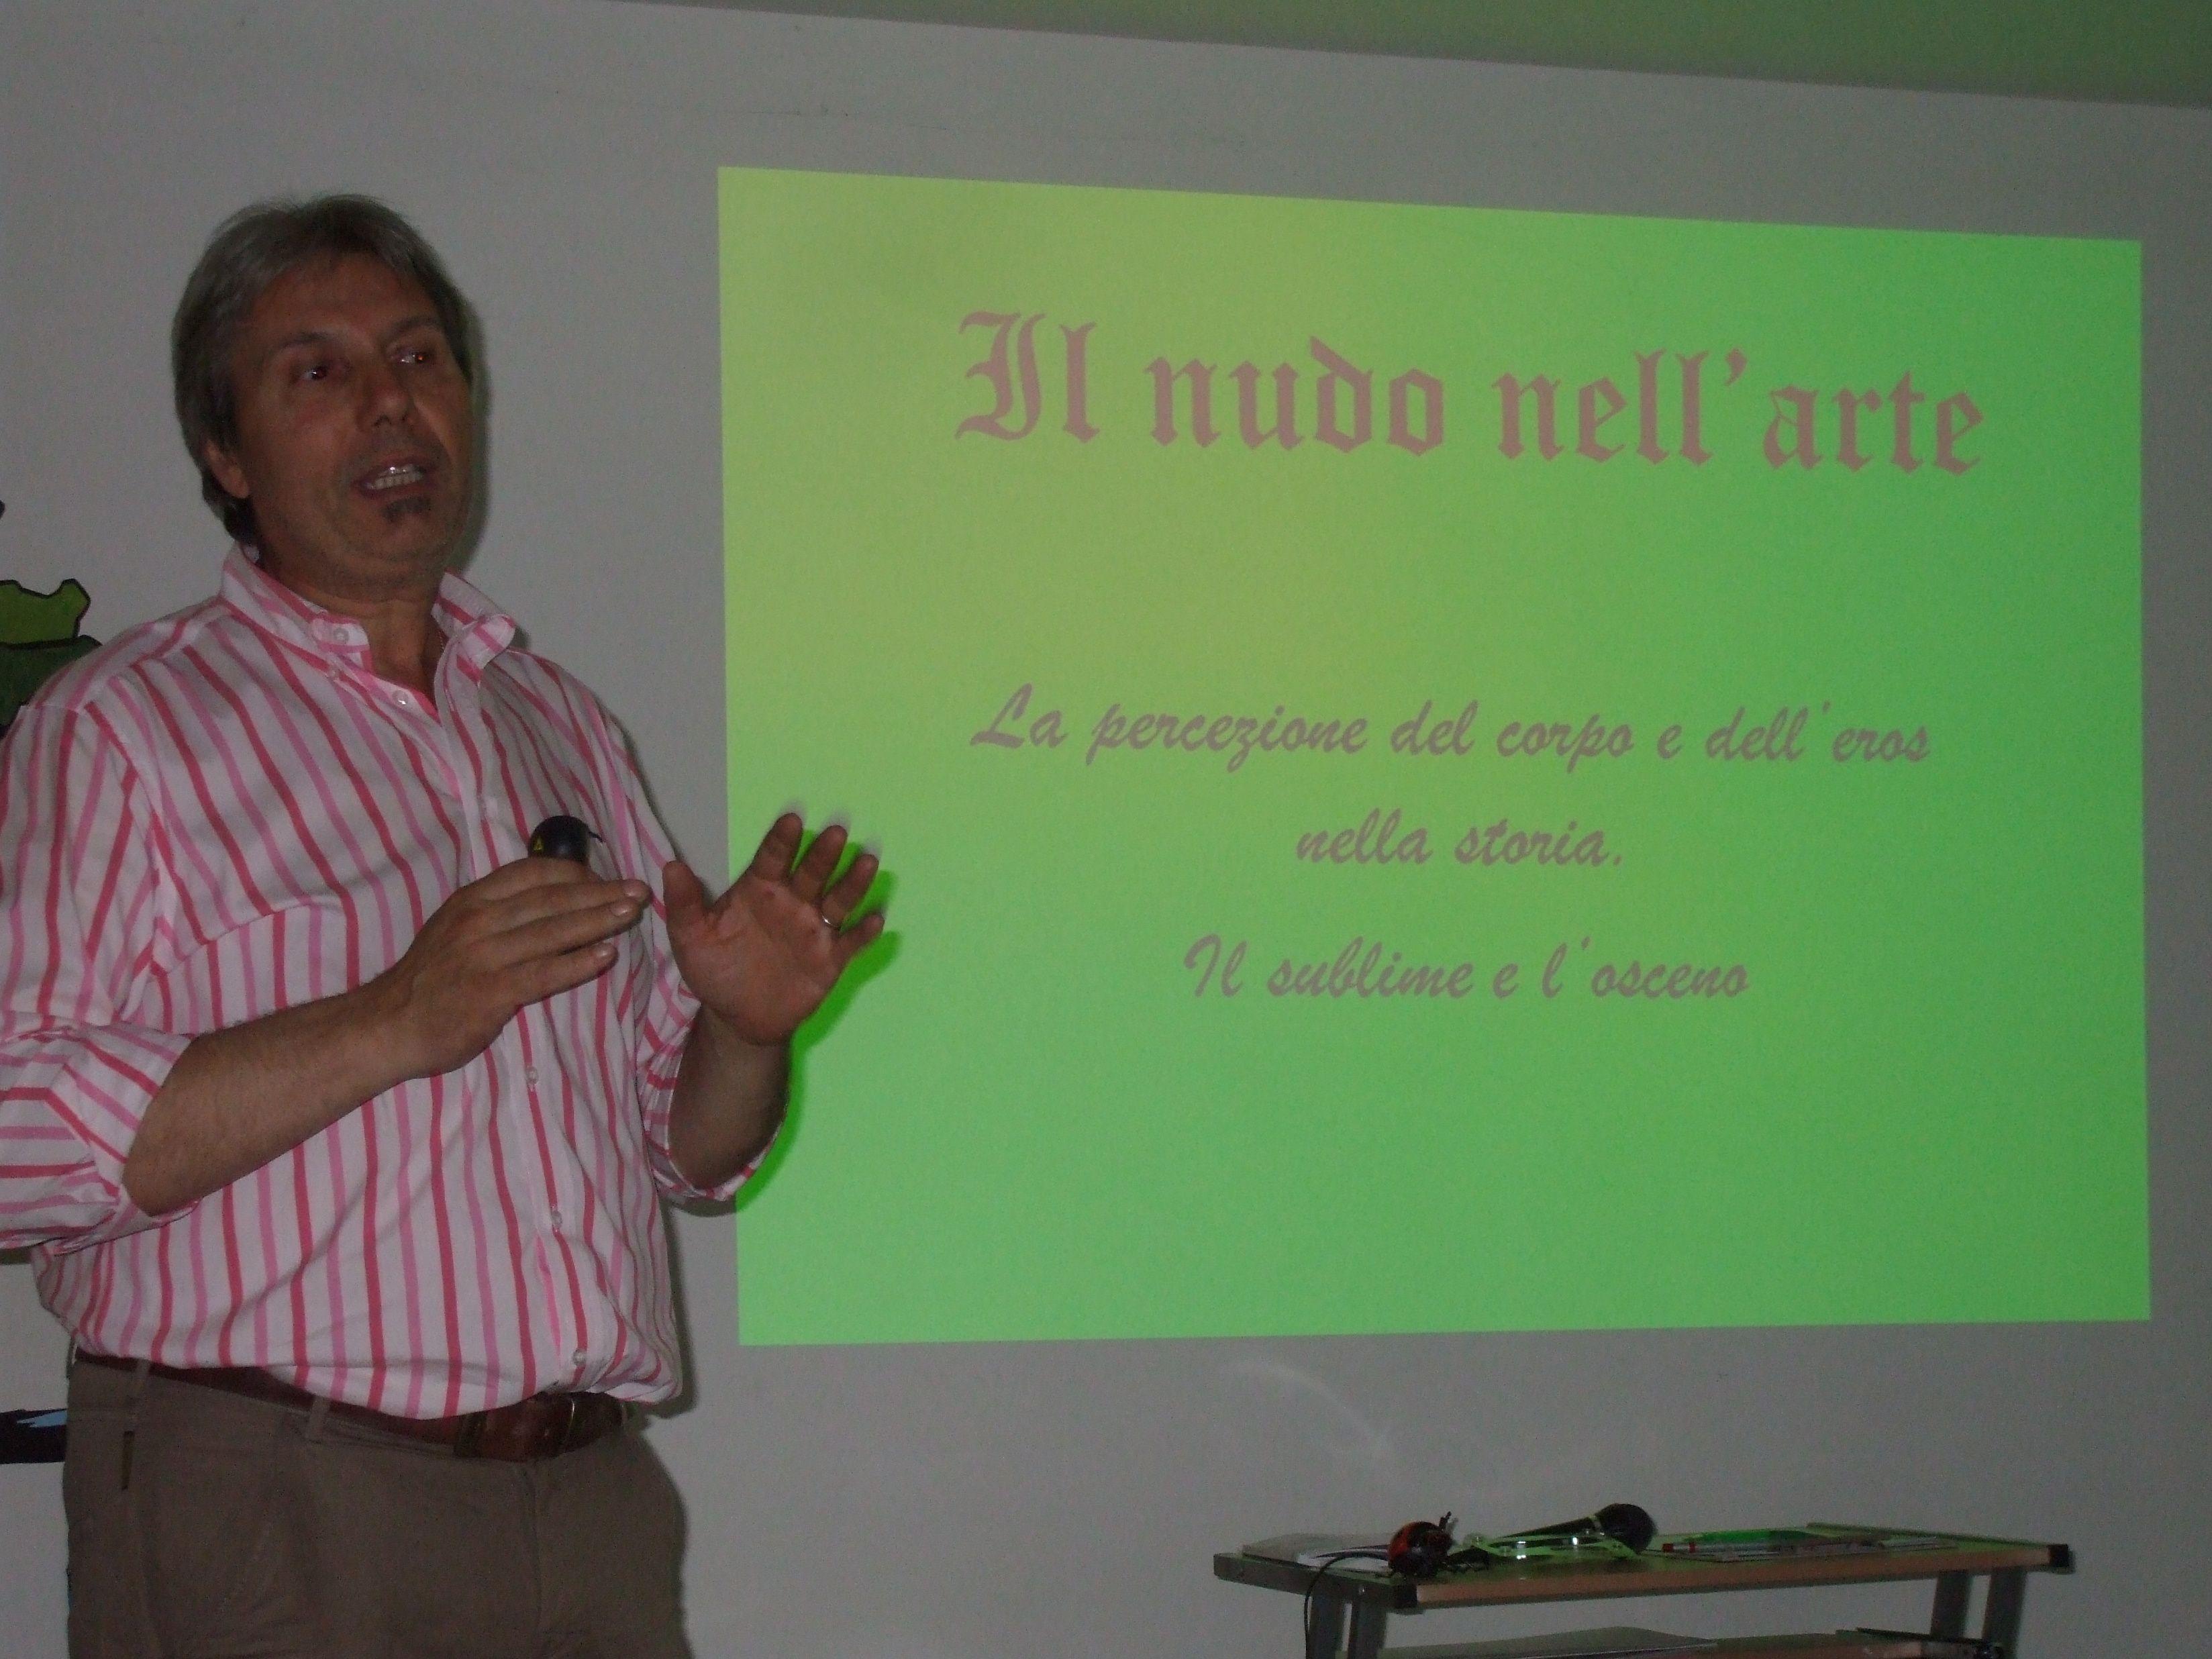 """21 giugno 2012 - Presentazione del libro """"Il nudo nell'arte"""" di F. Ricci, organizzata presso l'Accademia Kronos di Ronciglione.  http://www.facebook.com/media/set/?set=a.399701206732826.81121.100000788499033=3"""